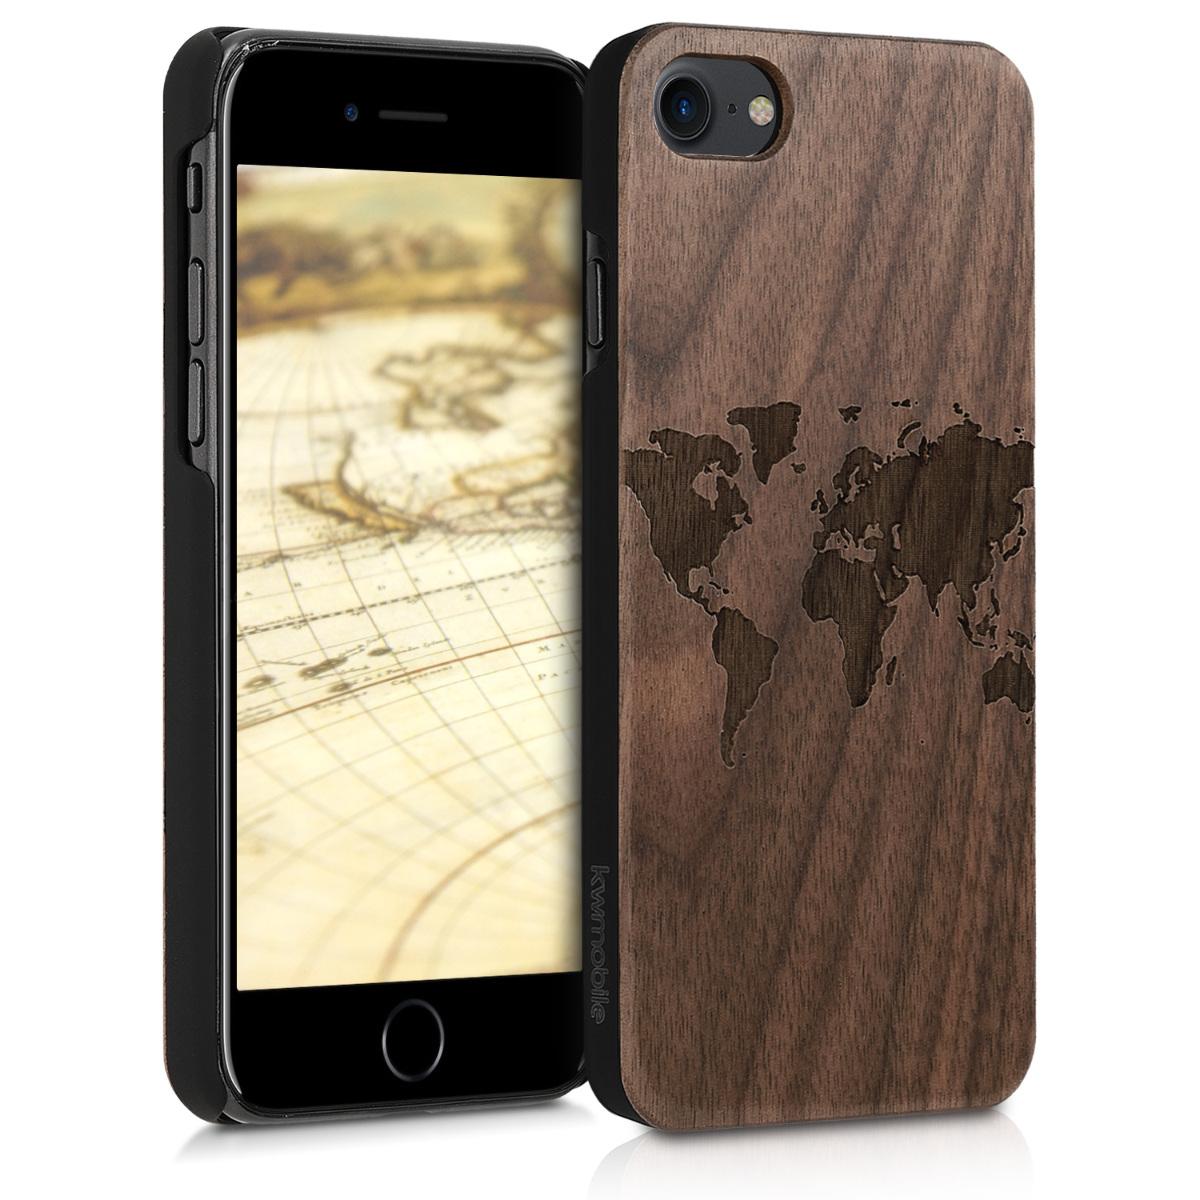 KW Ξύλινη Θήκη iPhone 7 / 8 - Καφέ/ χάρτης (39462.11)